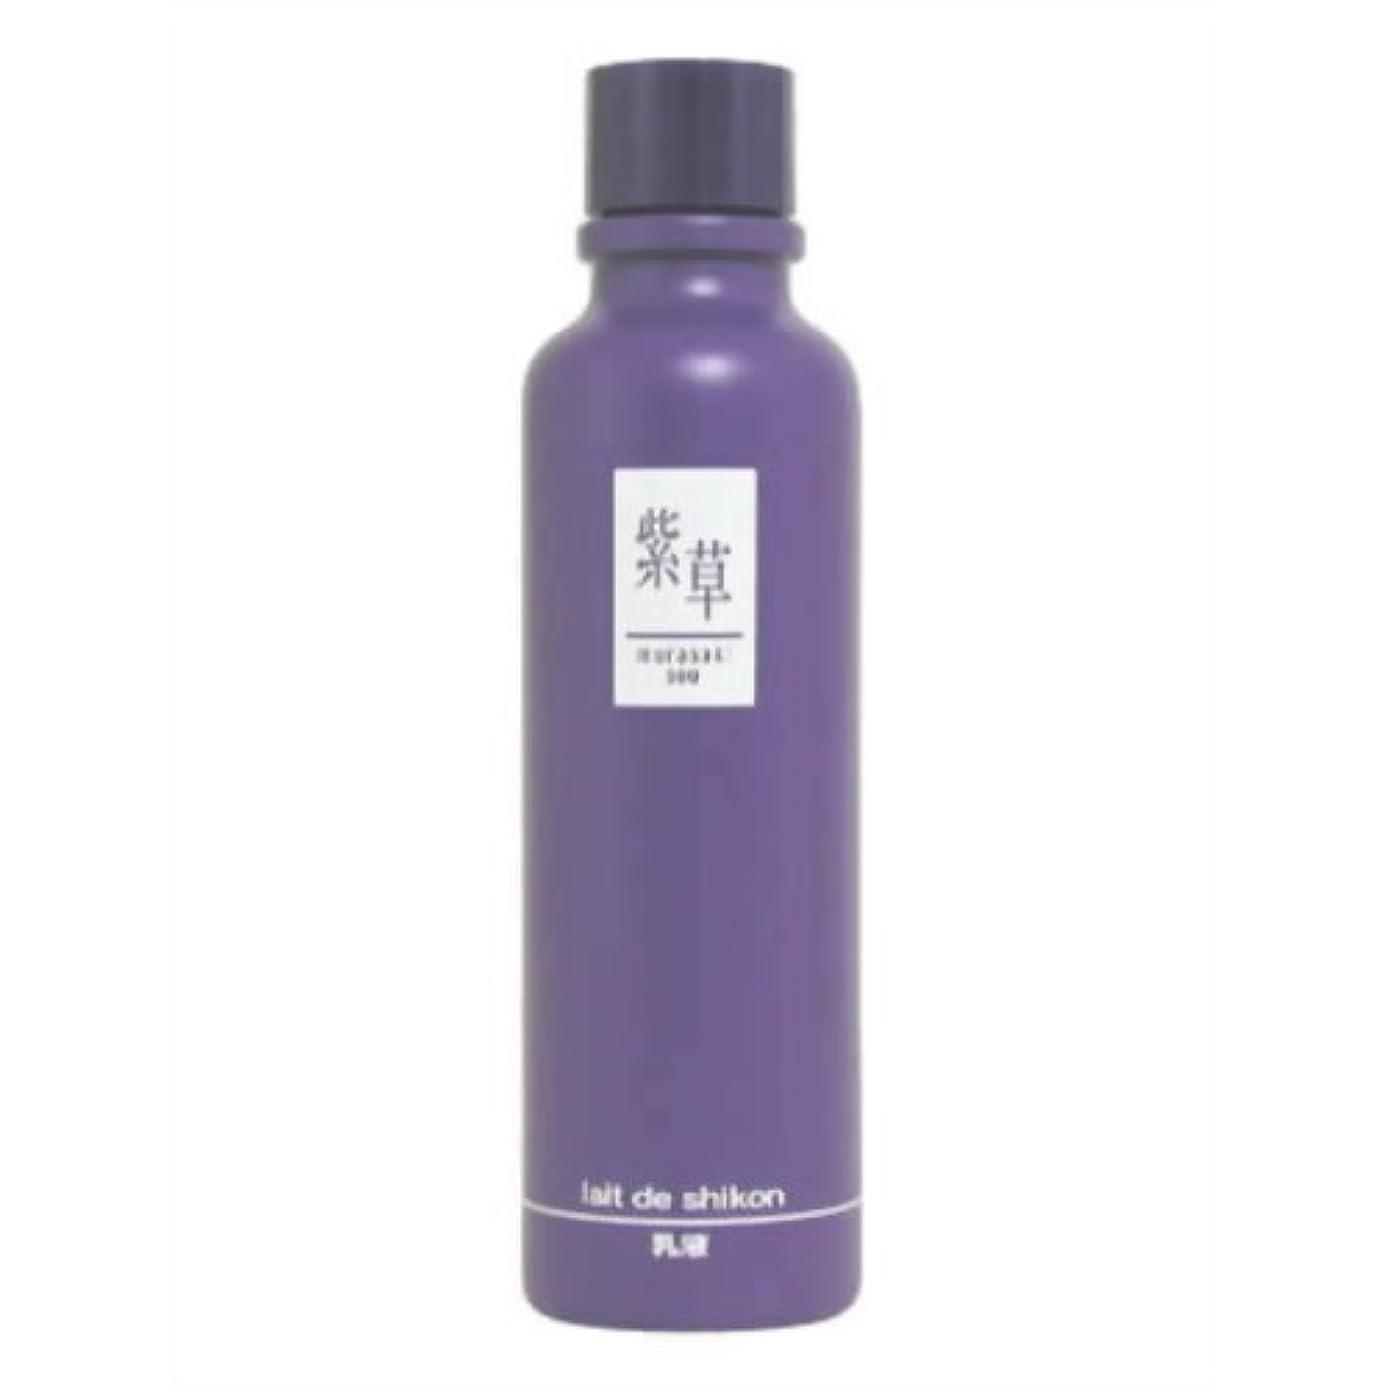 ハンディキャップ図書館聞く紫草 レーデシコン(乳液) 120ml